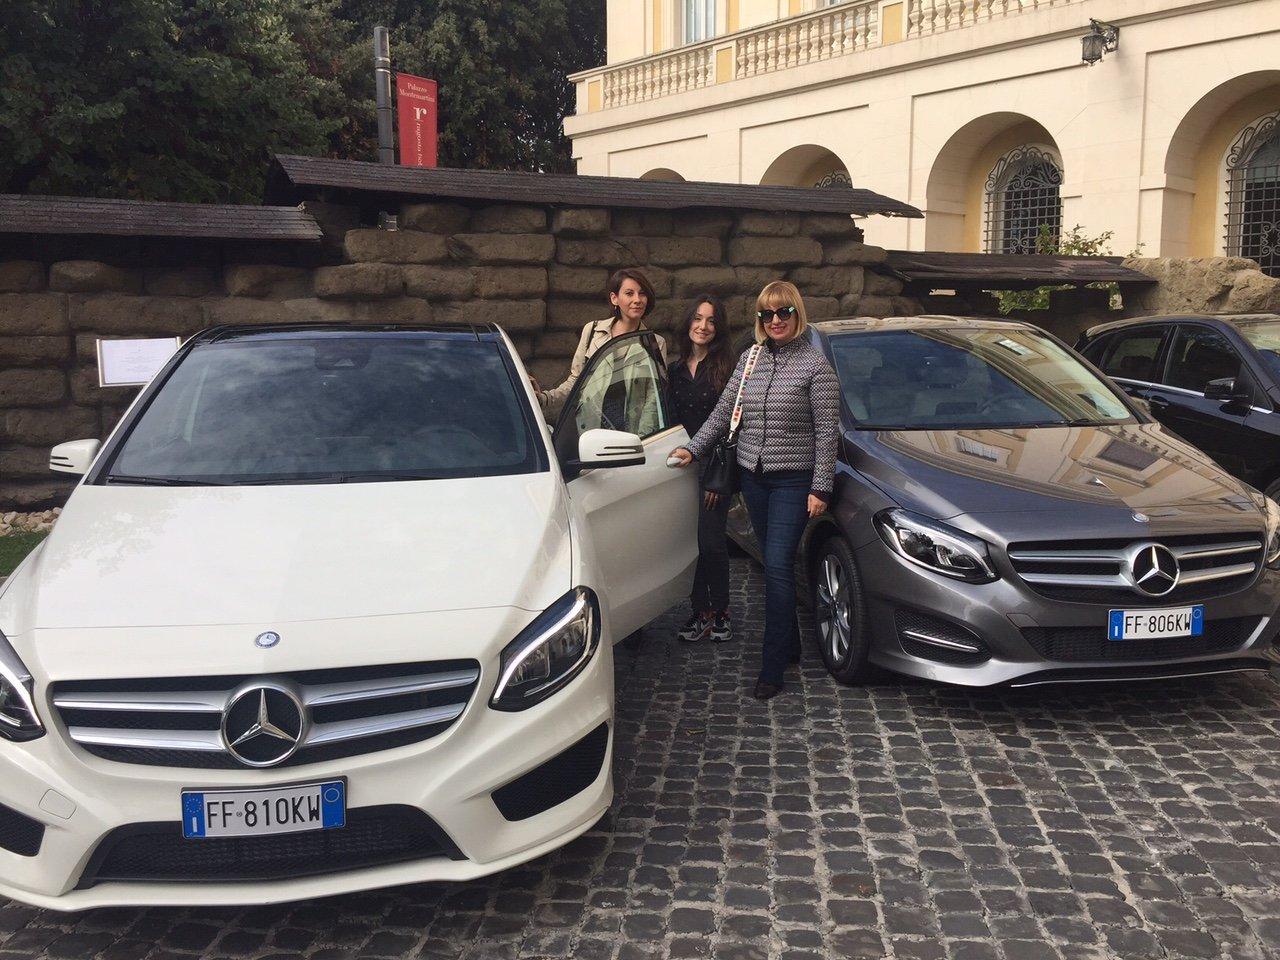 Con la Mercedes Classe B Next